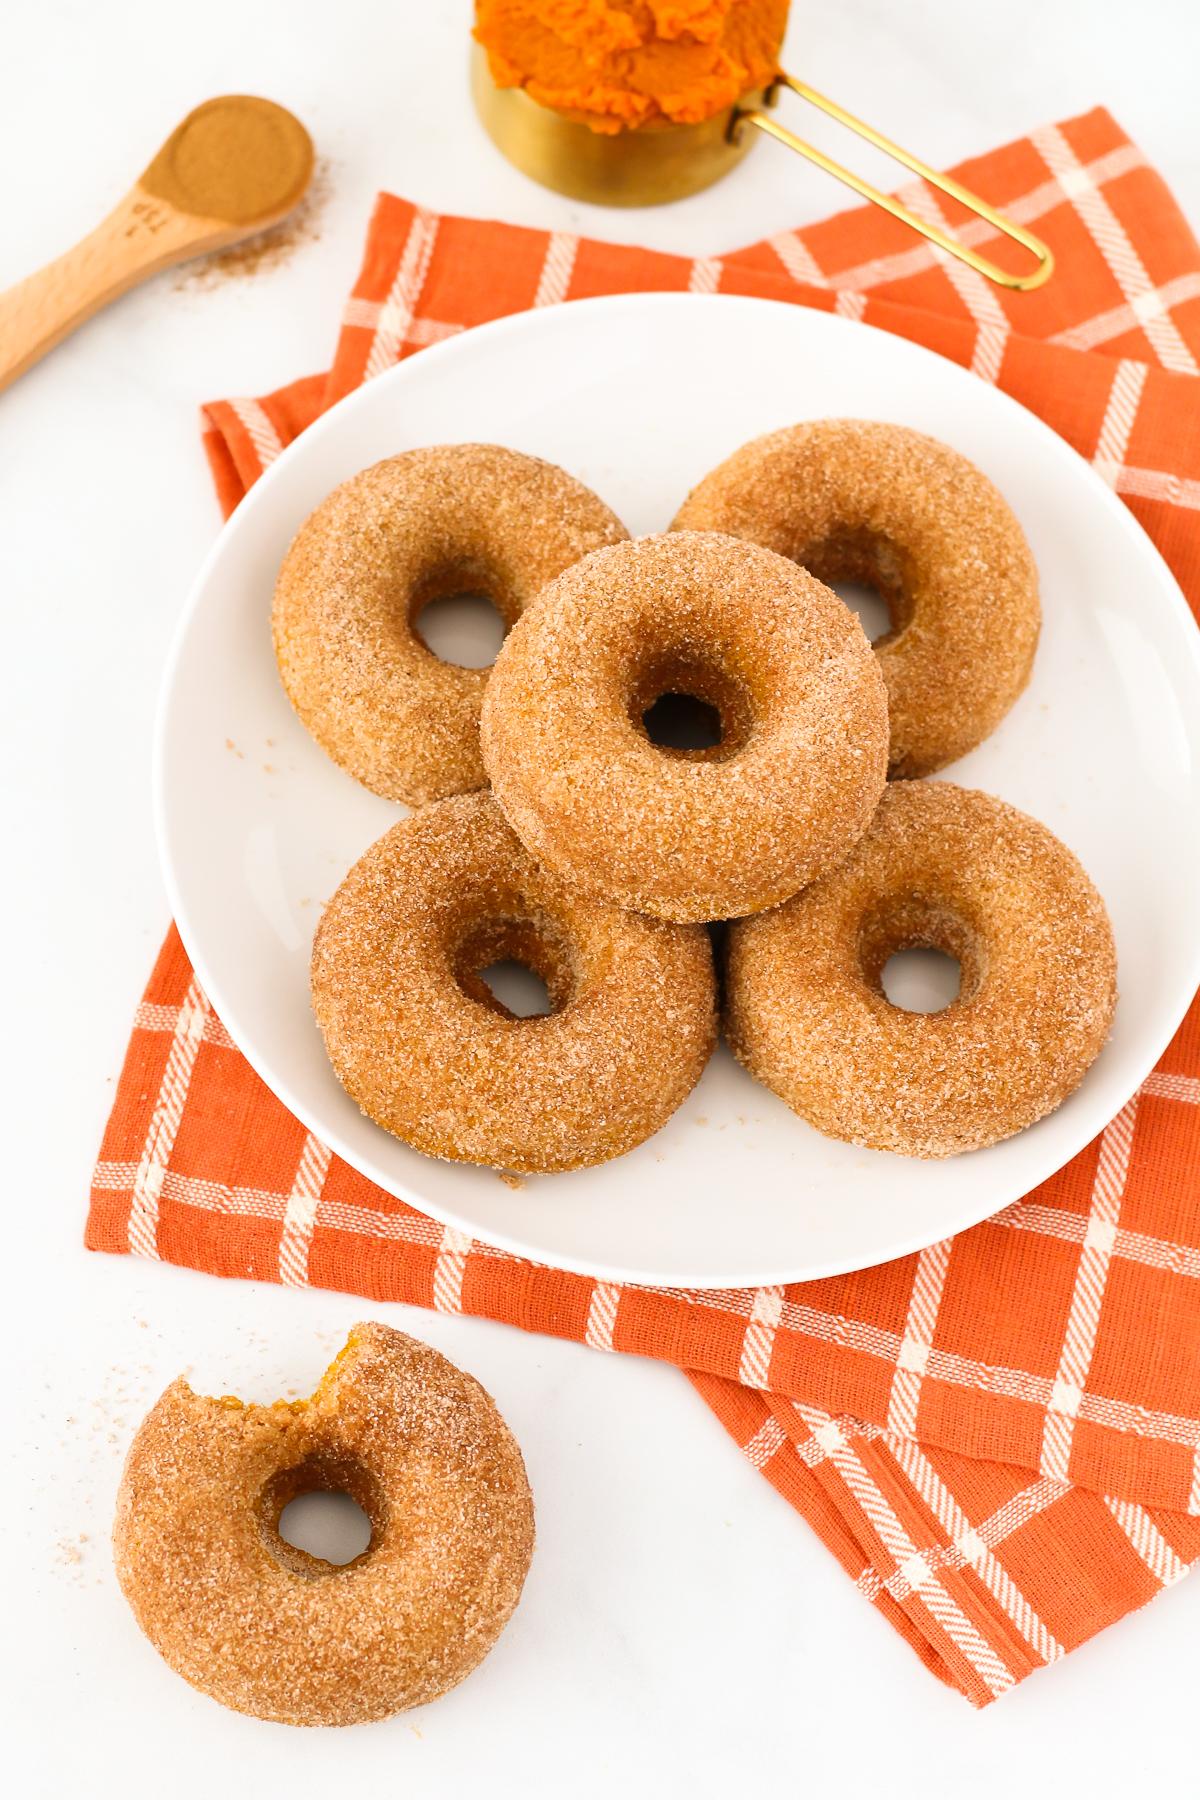 Gluten Free Vegan Cinnamon Sugar Pumpkin Donuts. Fluffy baked pumpkin donuts, coat in cinnamon sugar. The most perfect fall breakfast treat!